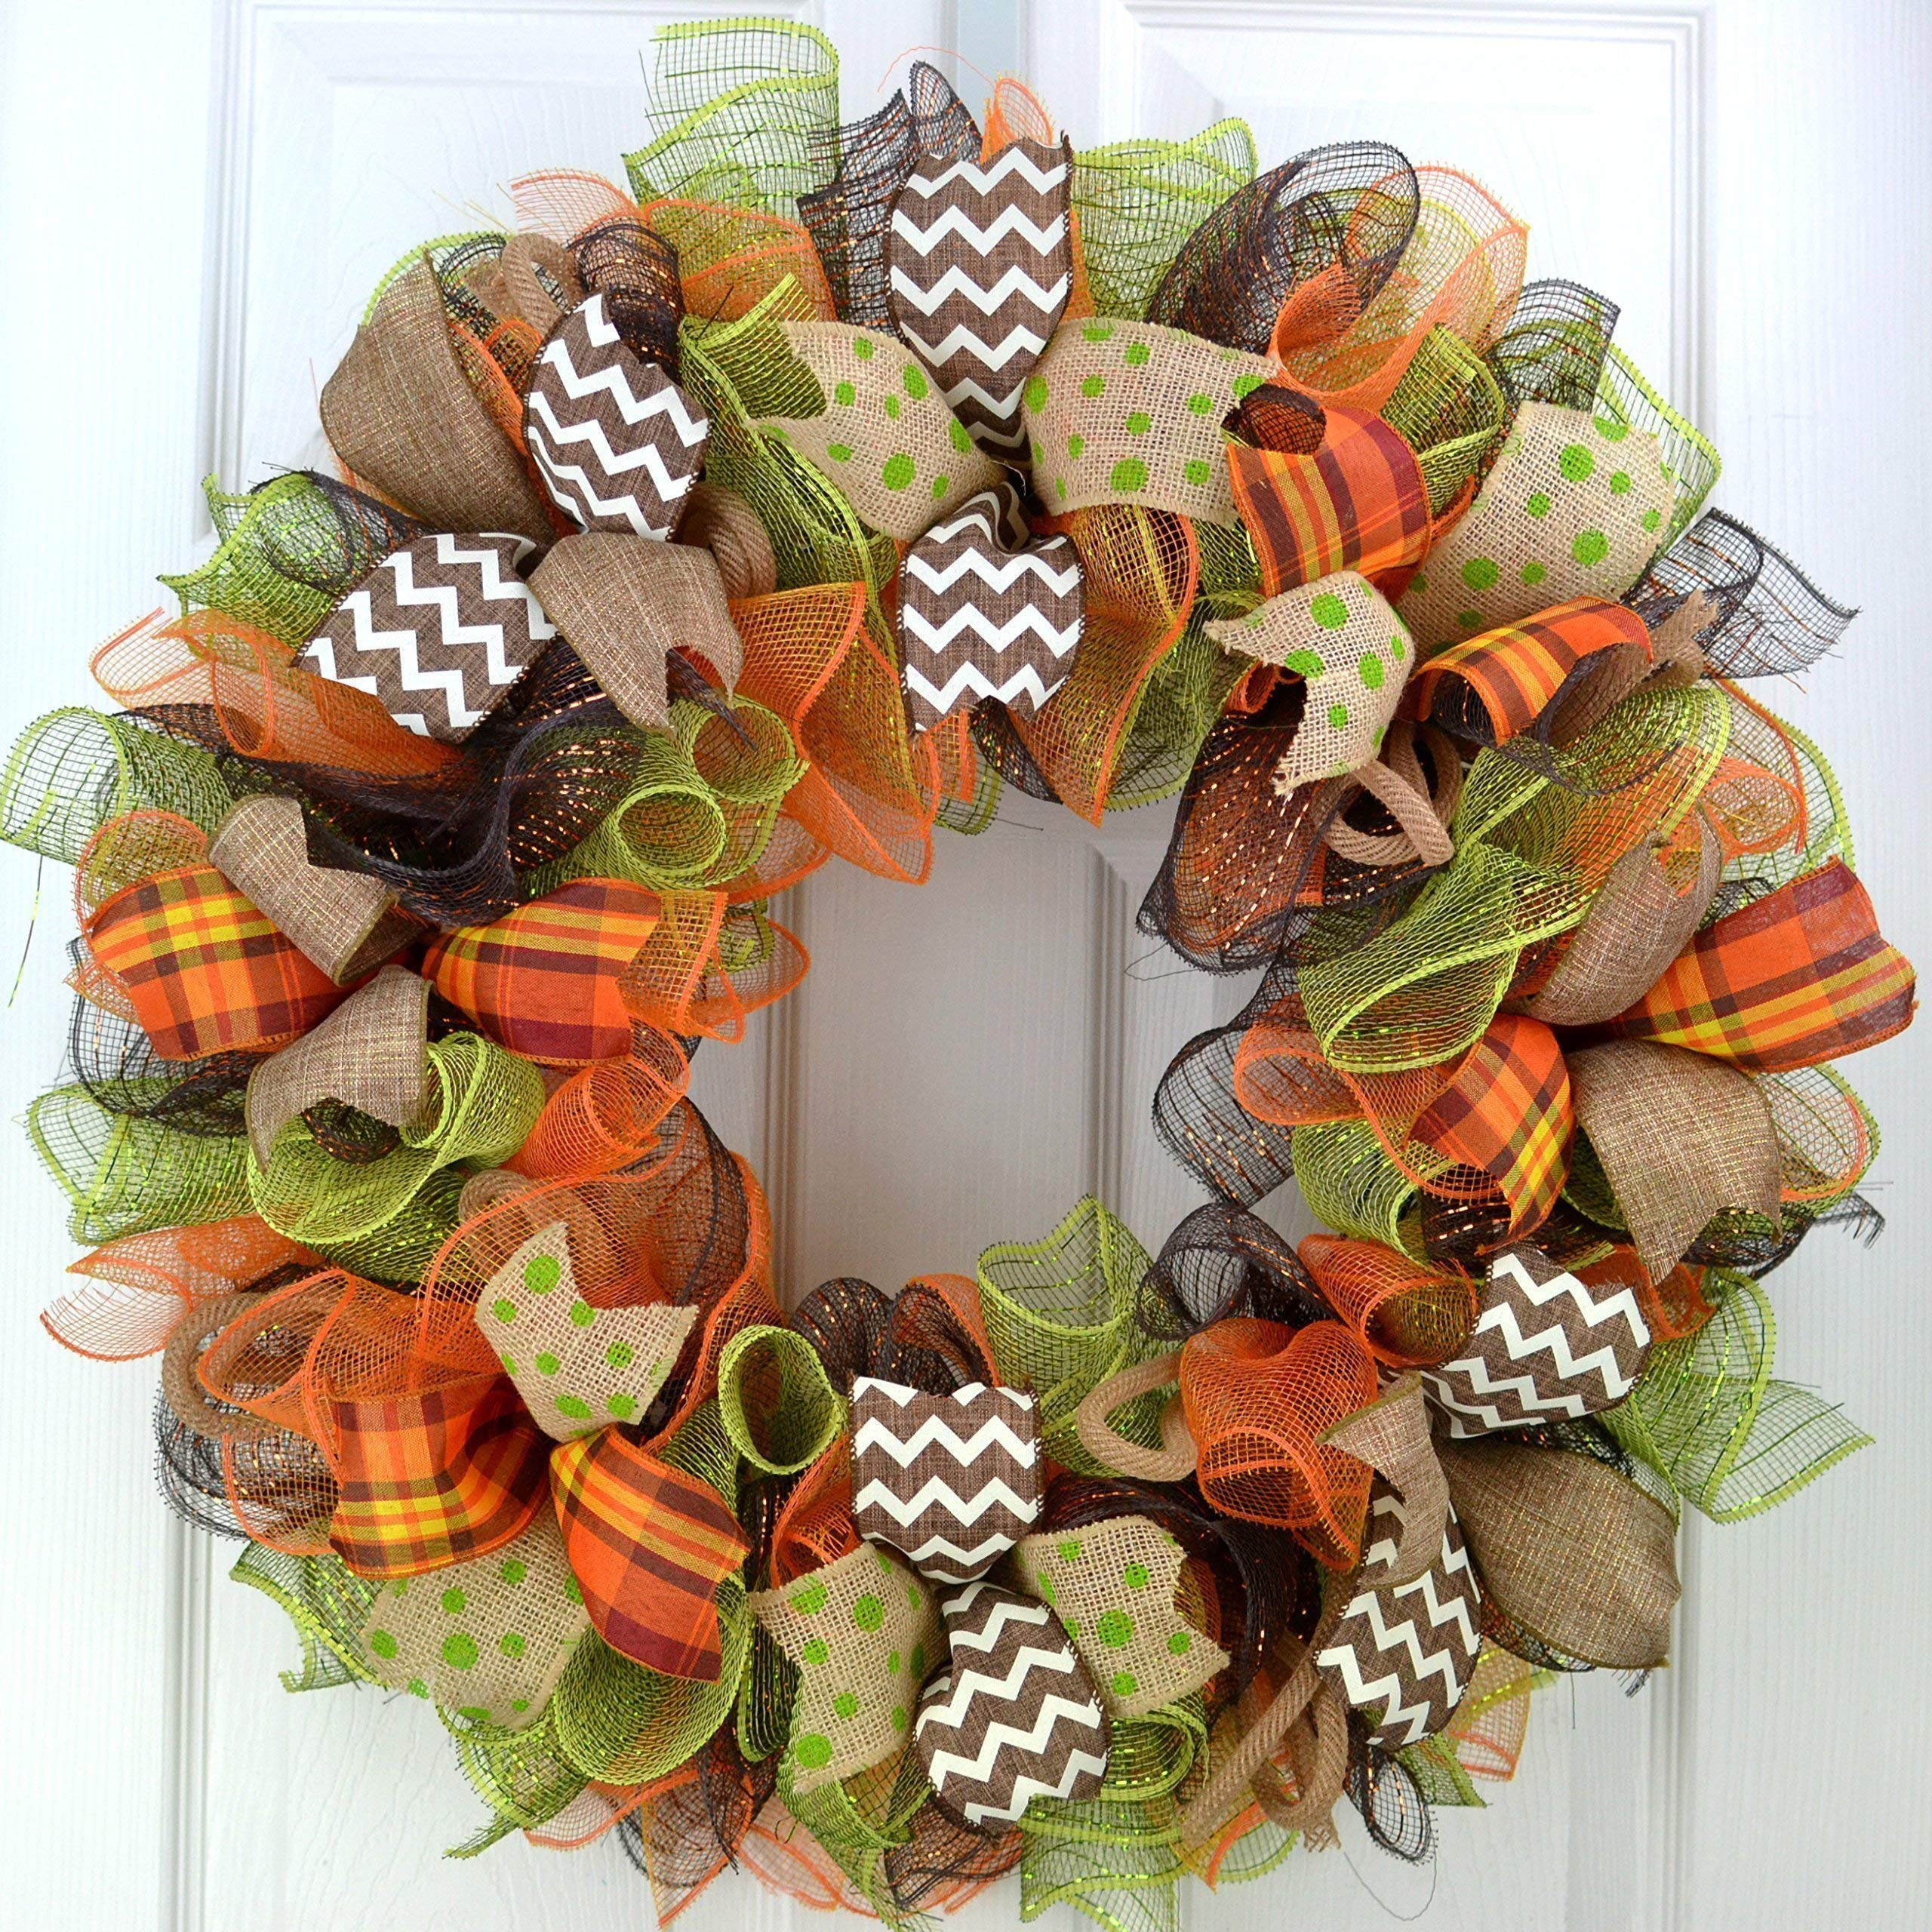 Fall Door Wreath | Thanksgiving Deco Mesh Door Wreath; Brown Green Burlap Orange White : F1 by Pink Door Wreaths